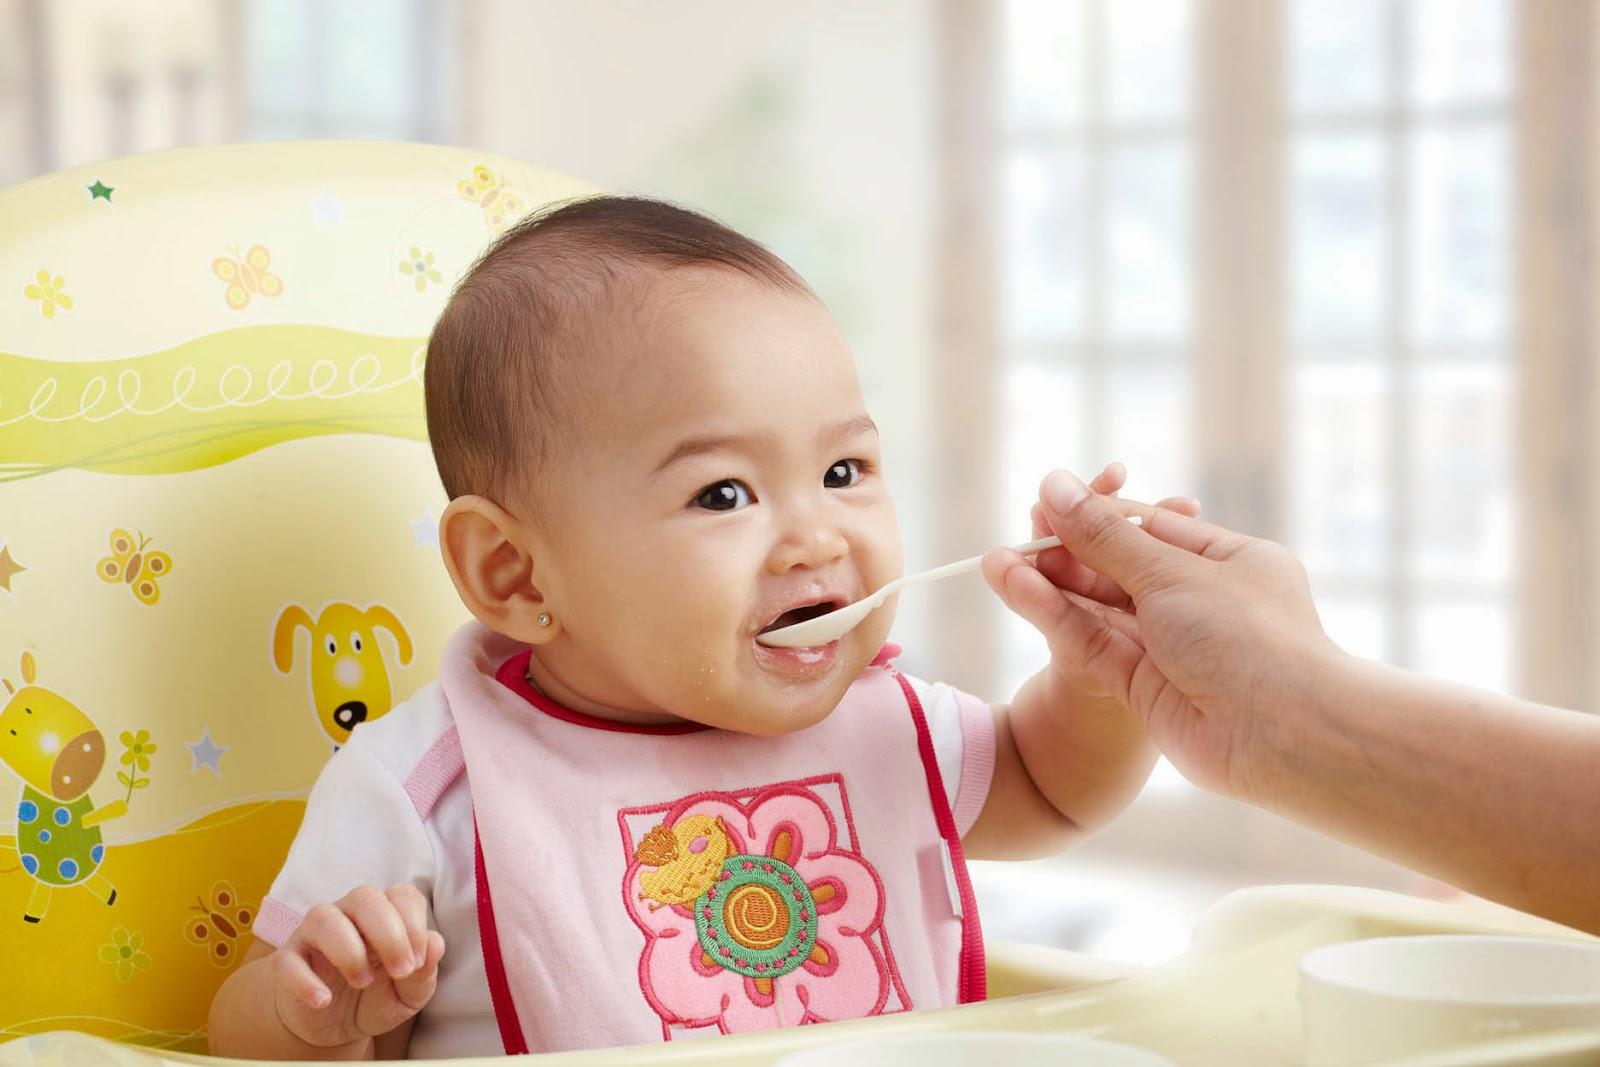 Apa Saja Makanan Penambah Berat Badan Bayi?